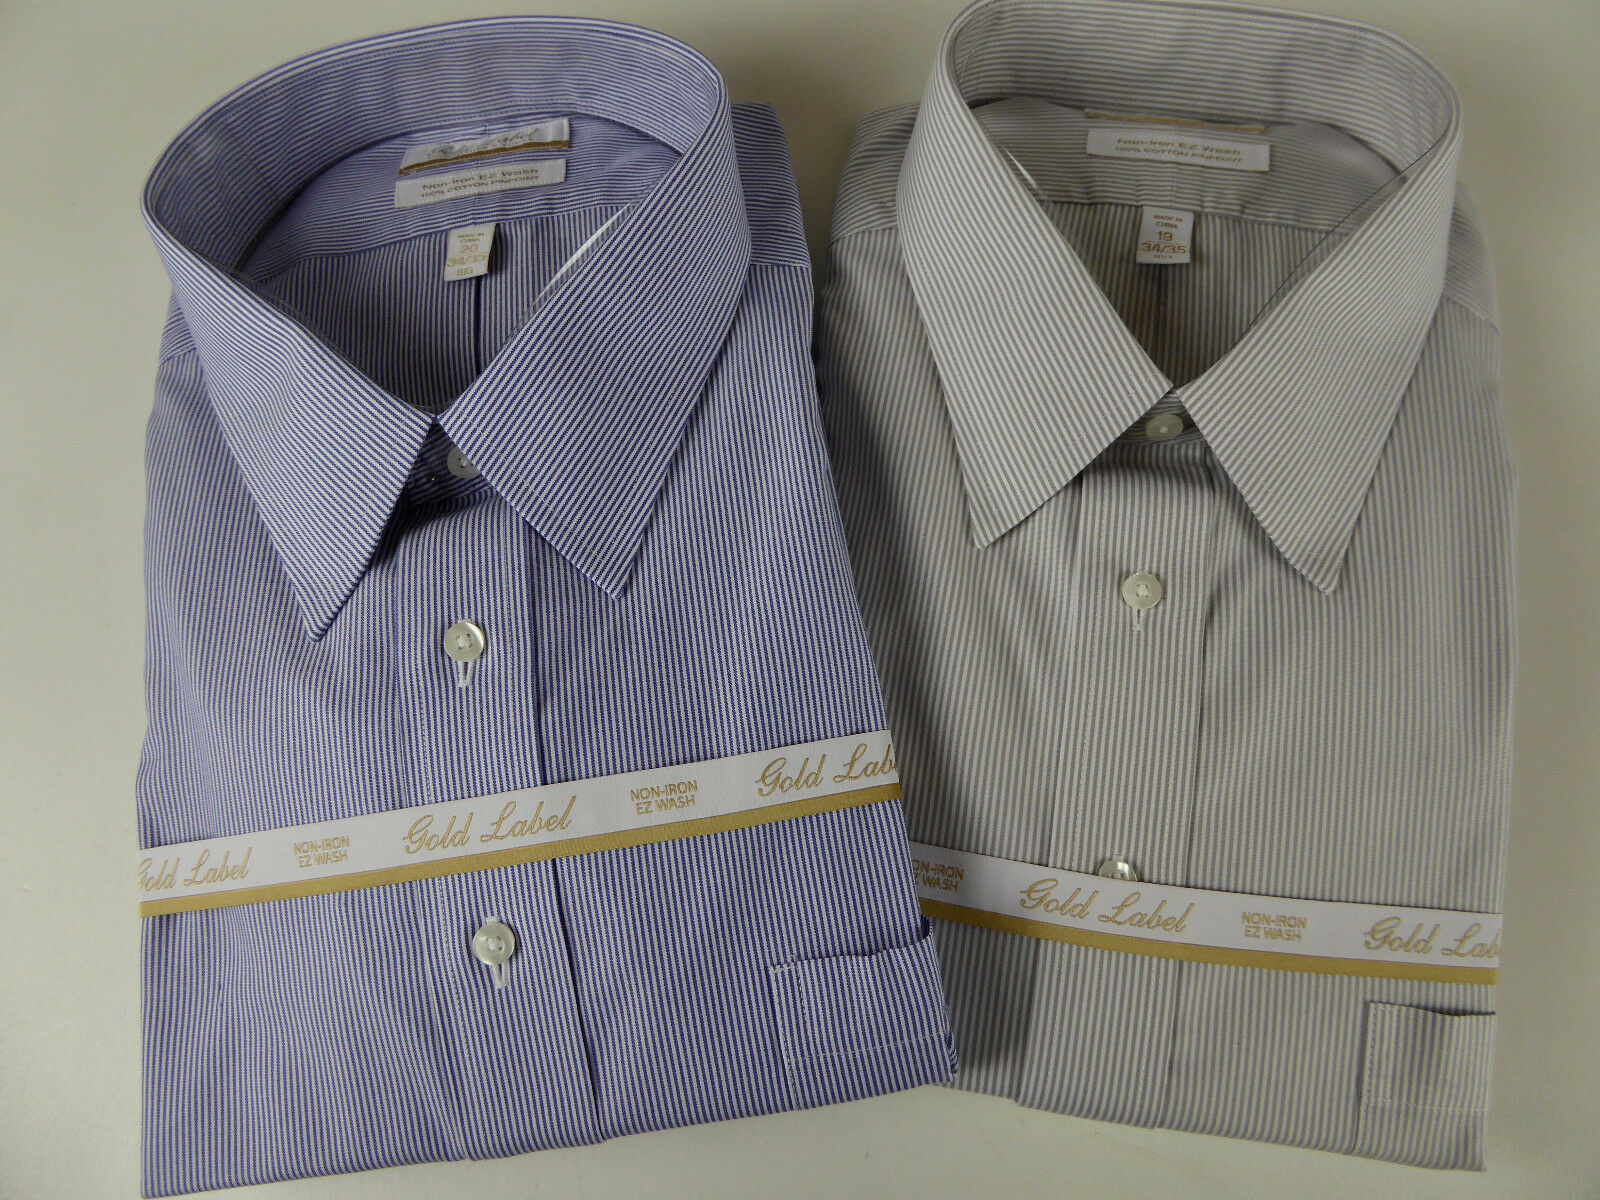 Roundtree & Yorke gold Label Non Iron EZ Wash Cotton Striped Dress Shirt NWT